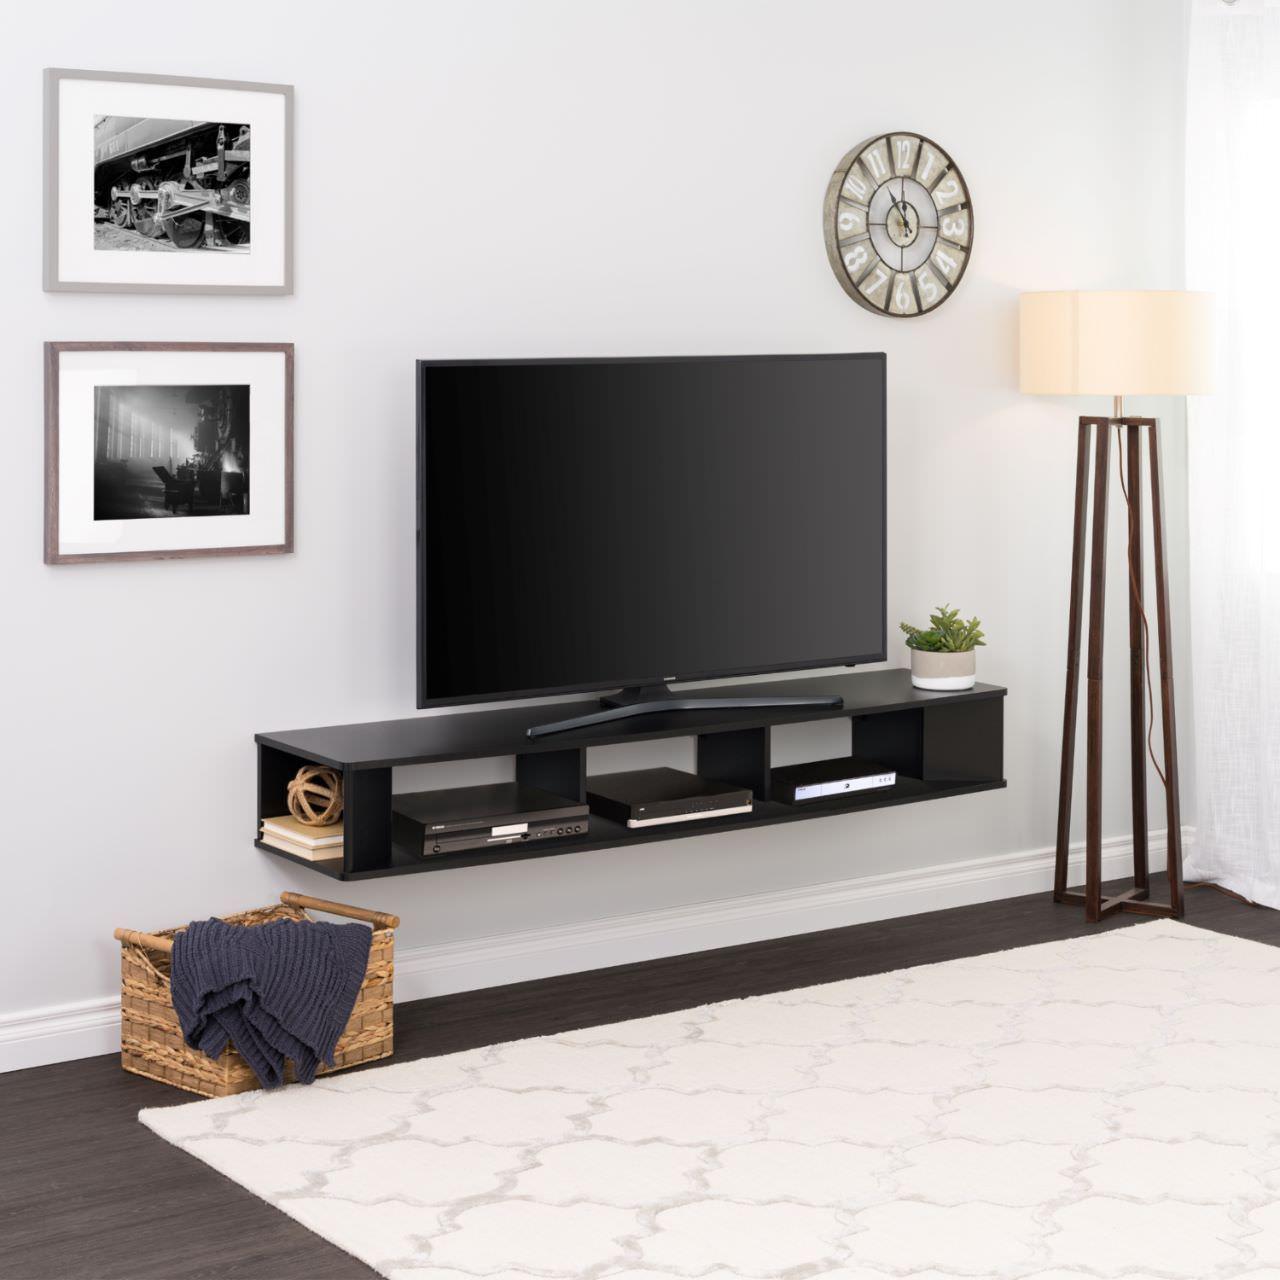 Kệ tivi treo tường sơn màu đen sạch sẽ nhỏ gọn